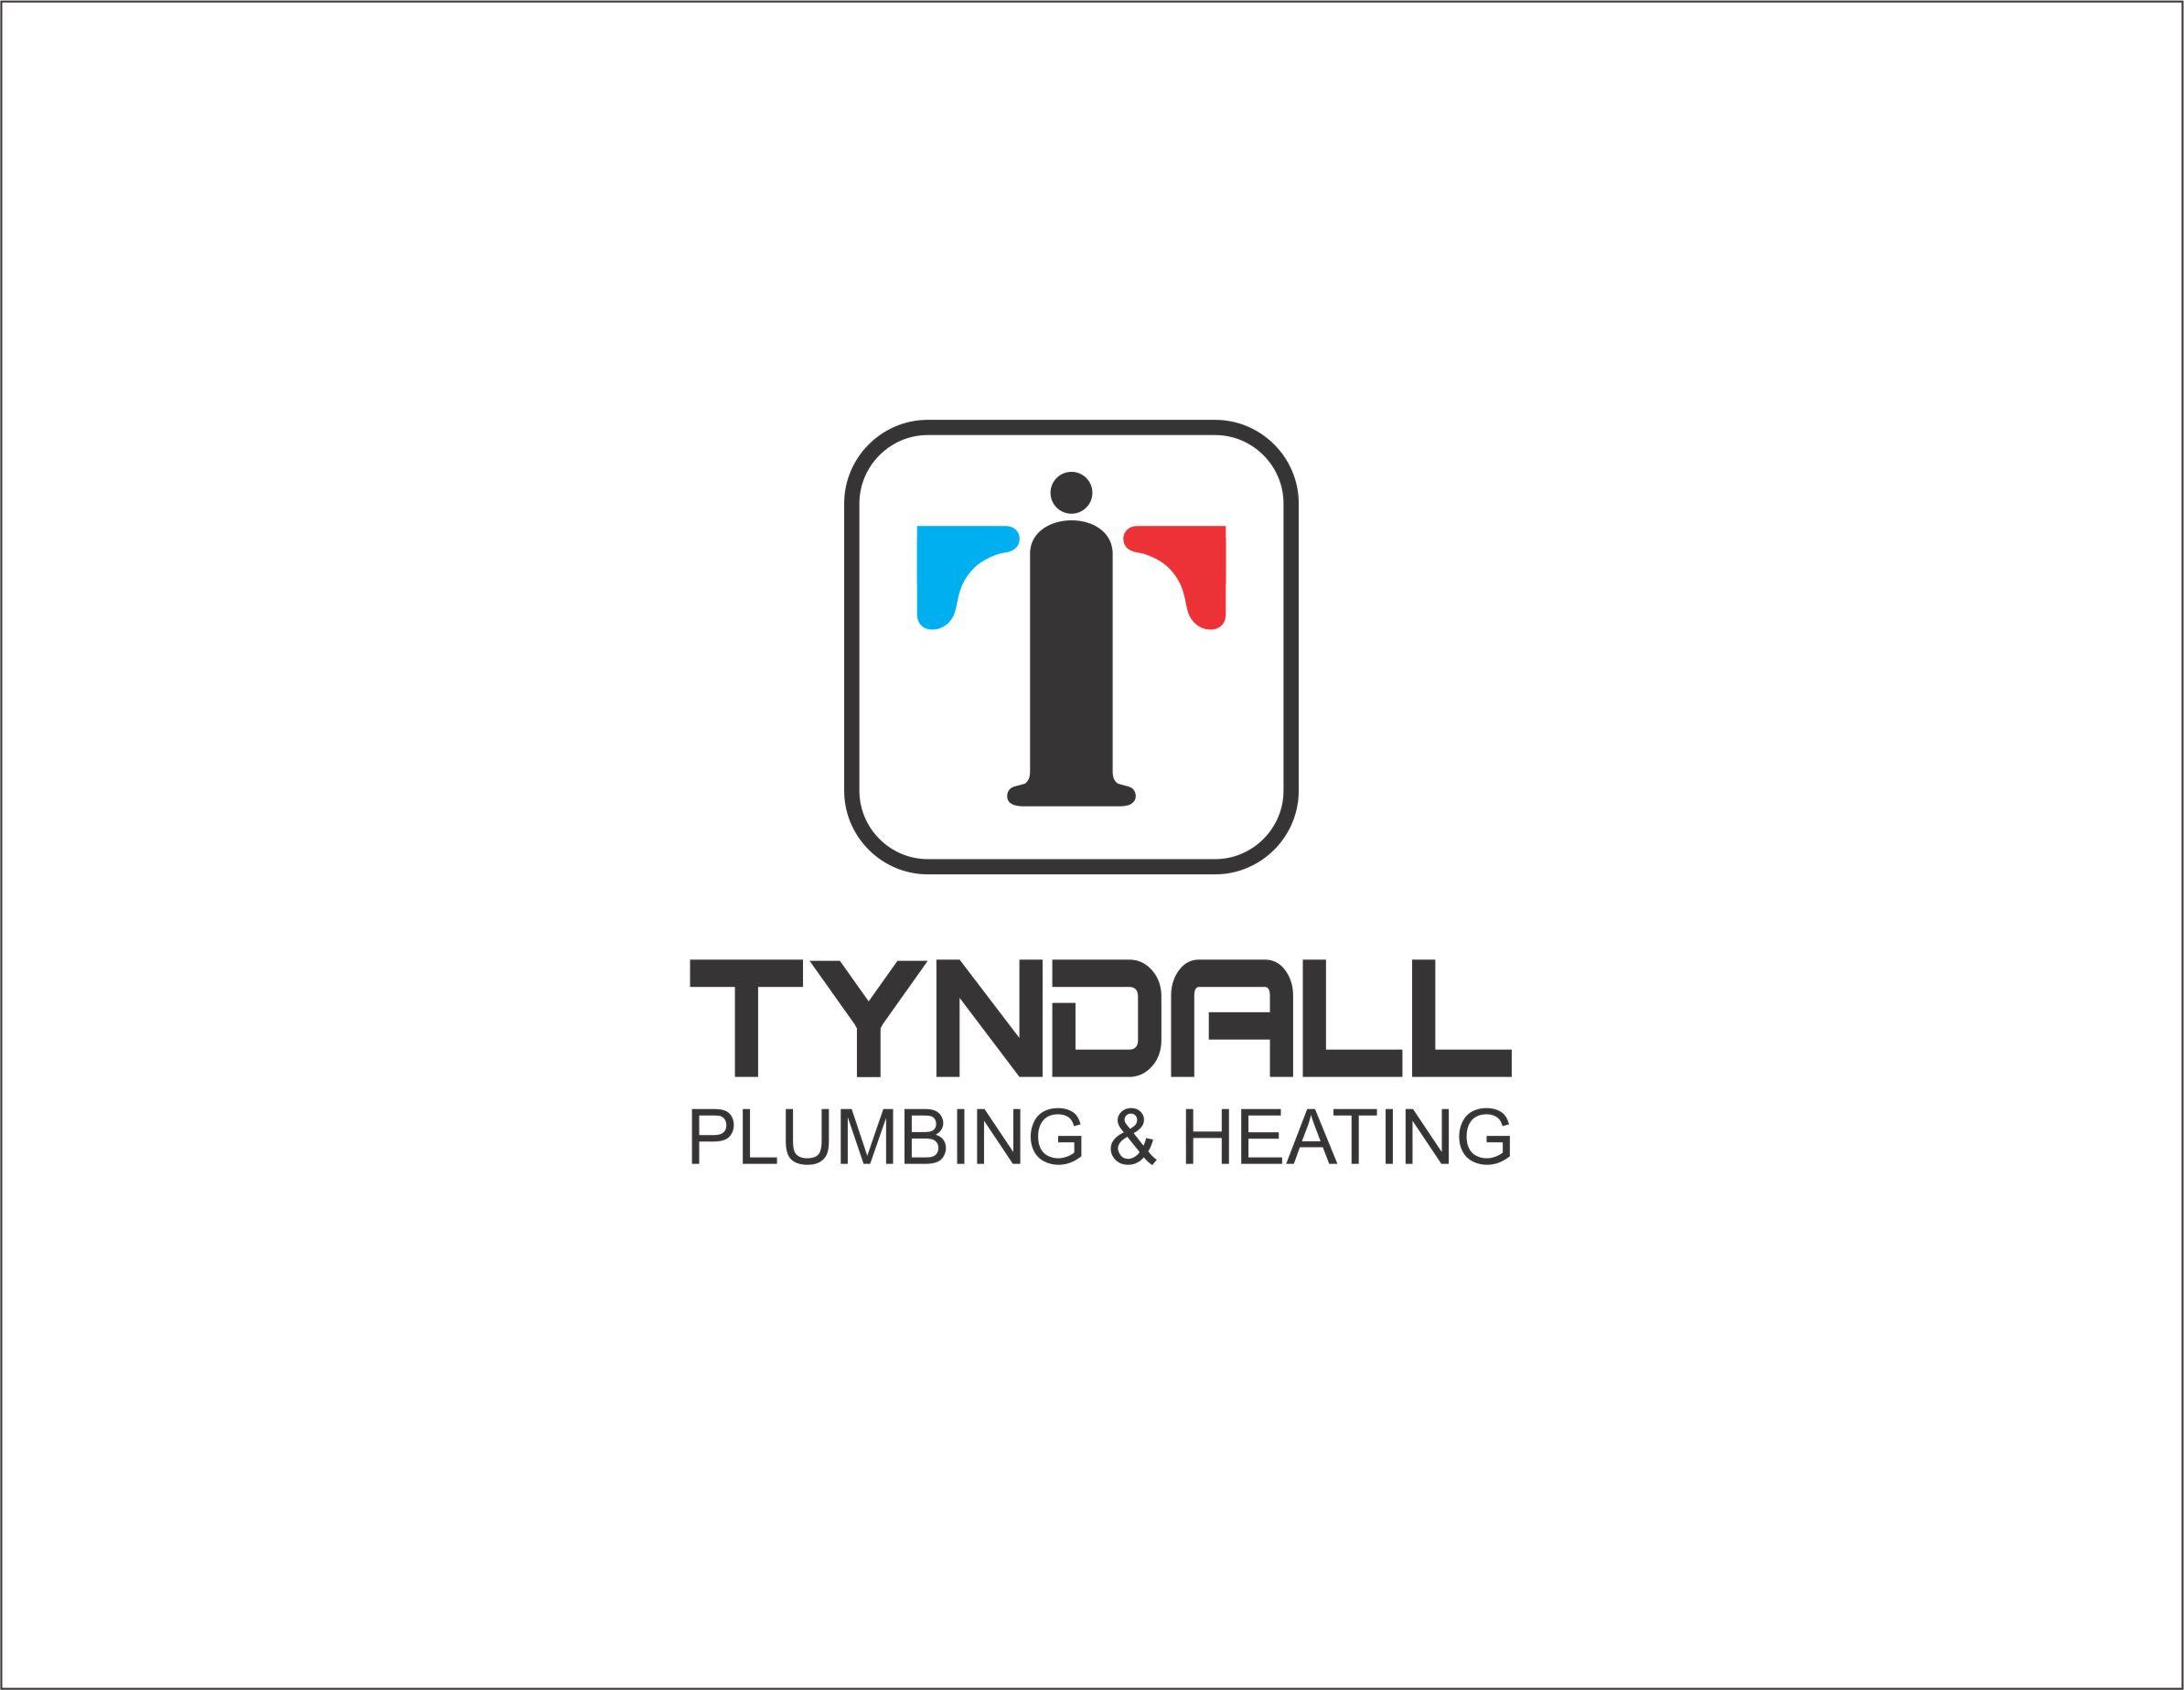 Logo Design by Nikola Kapunac - Entry No. 98 in the Logo Design Contest Imaginative Logo Design for Tyndall Plumbing & Heating.